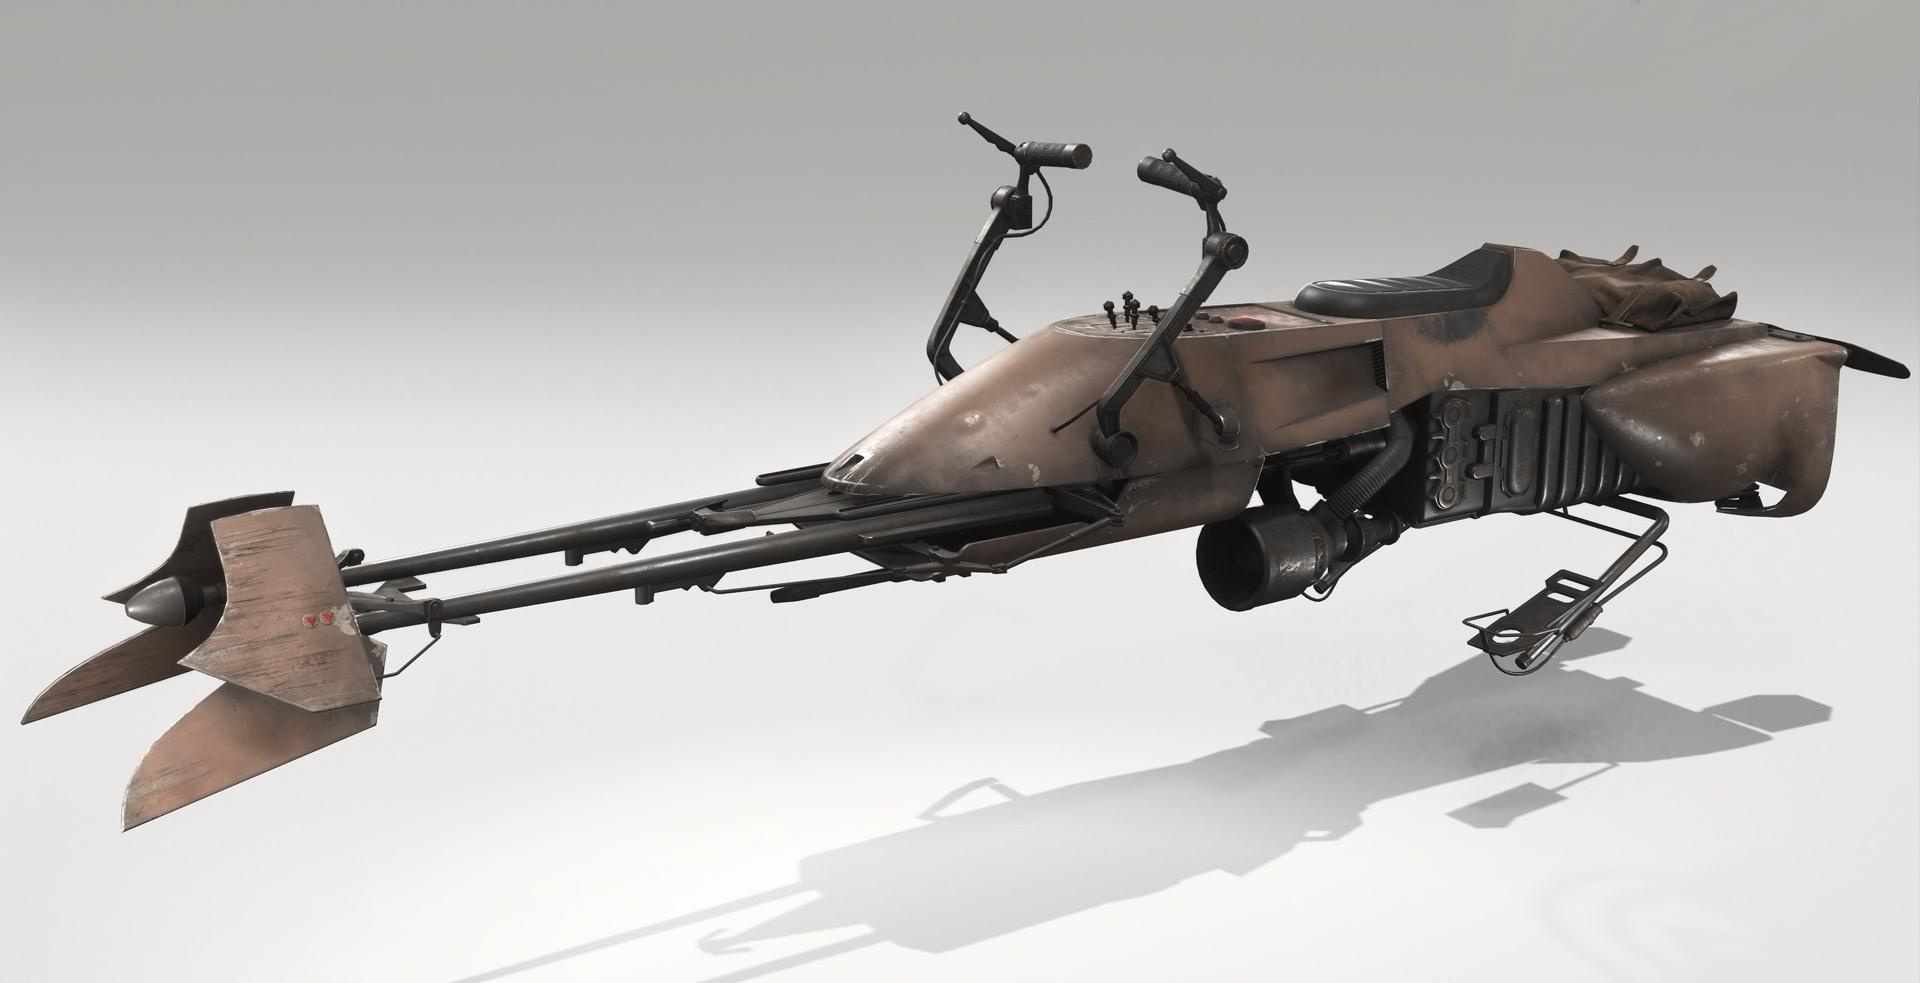 UCS Speeder Bike MOC-39562 Star Wars Designed By Neon5 With 302 Pieces